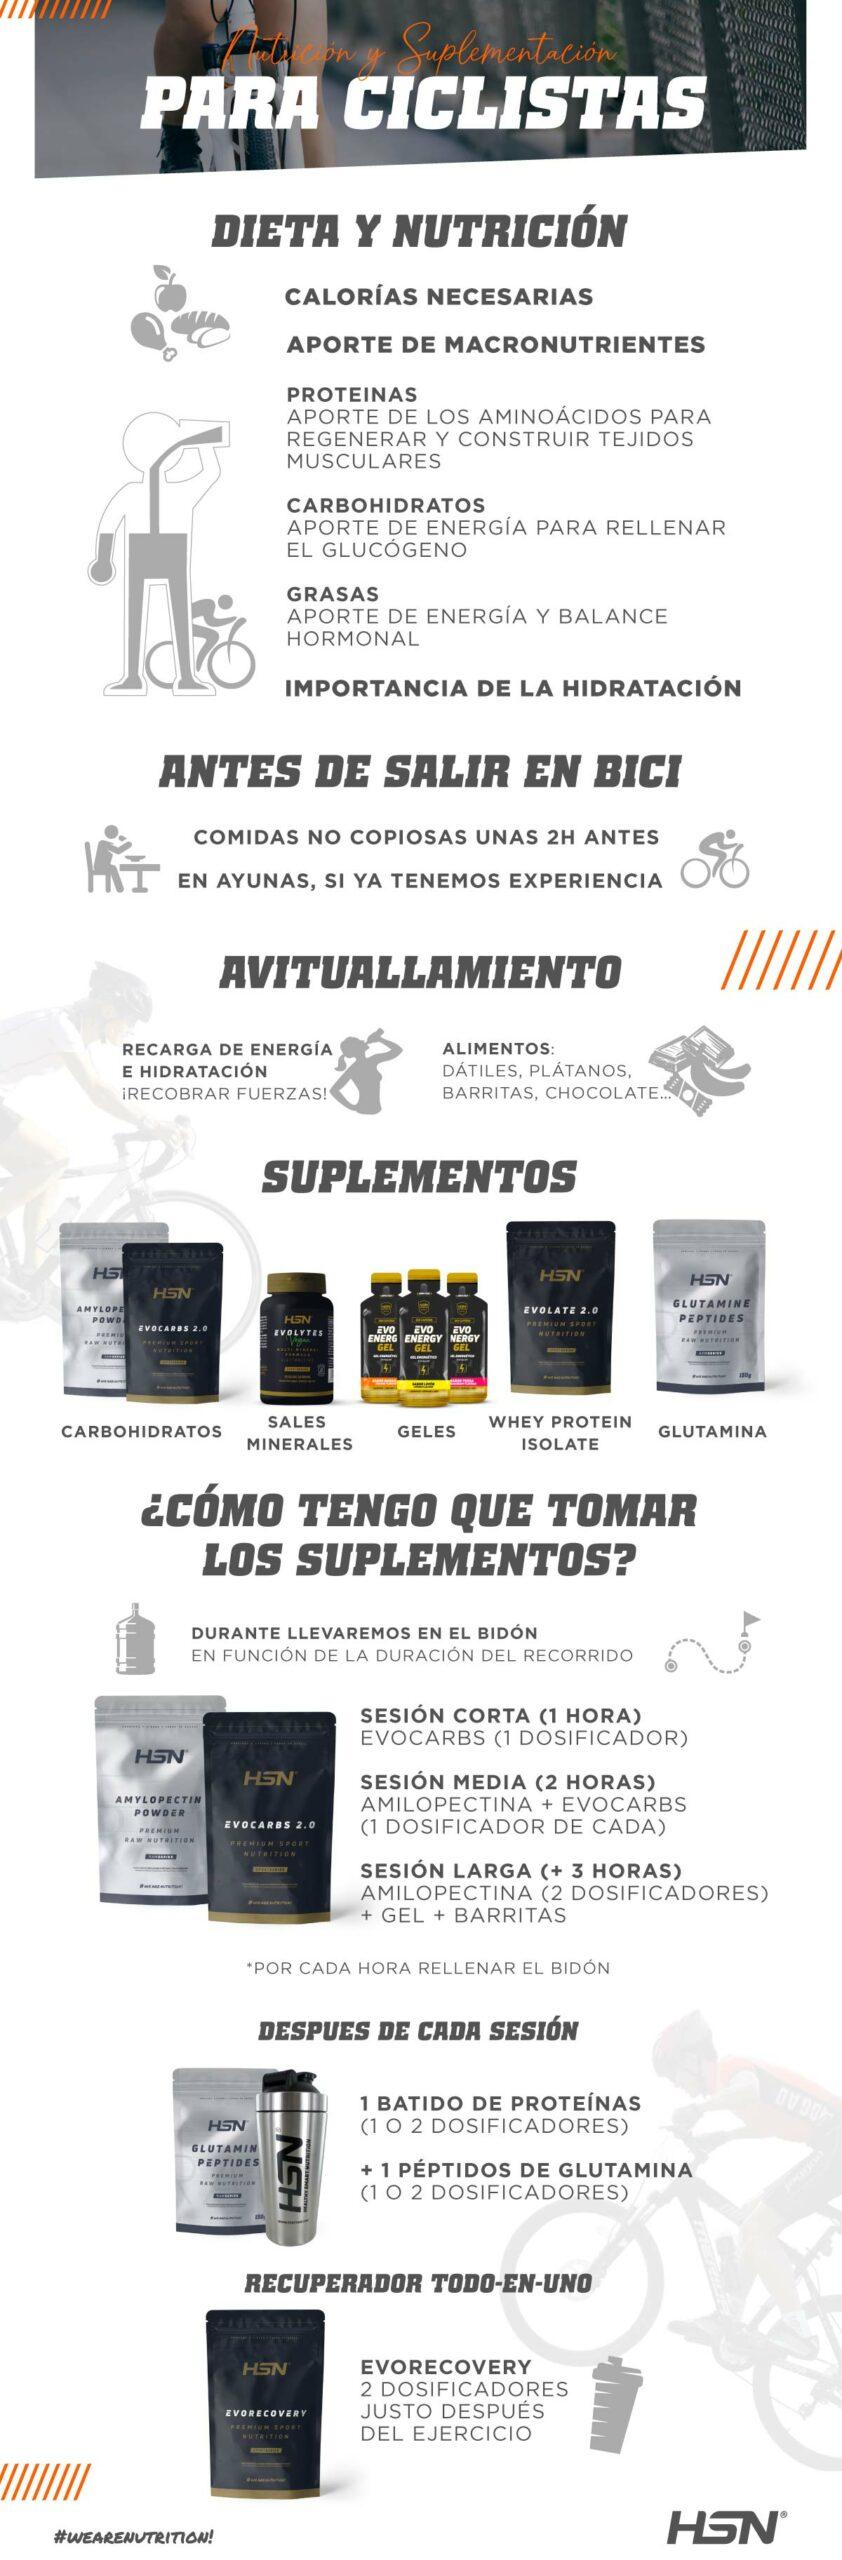 Nutrición y Suplementación Ciclismo HSN